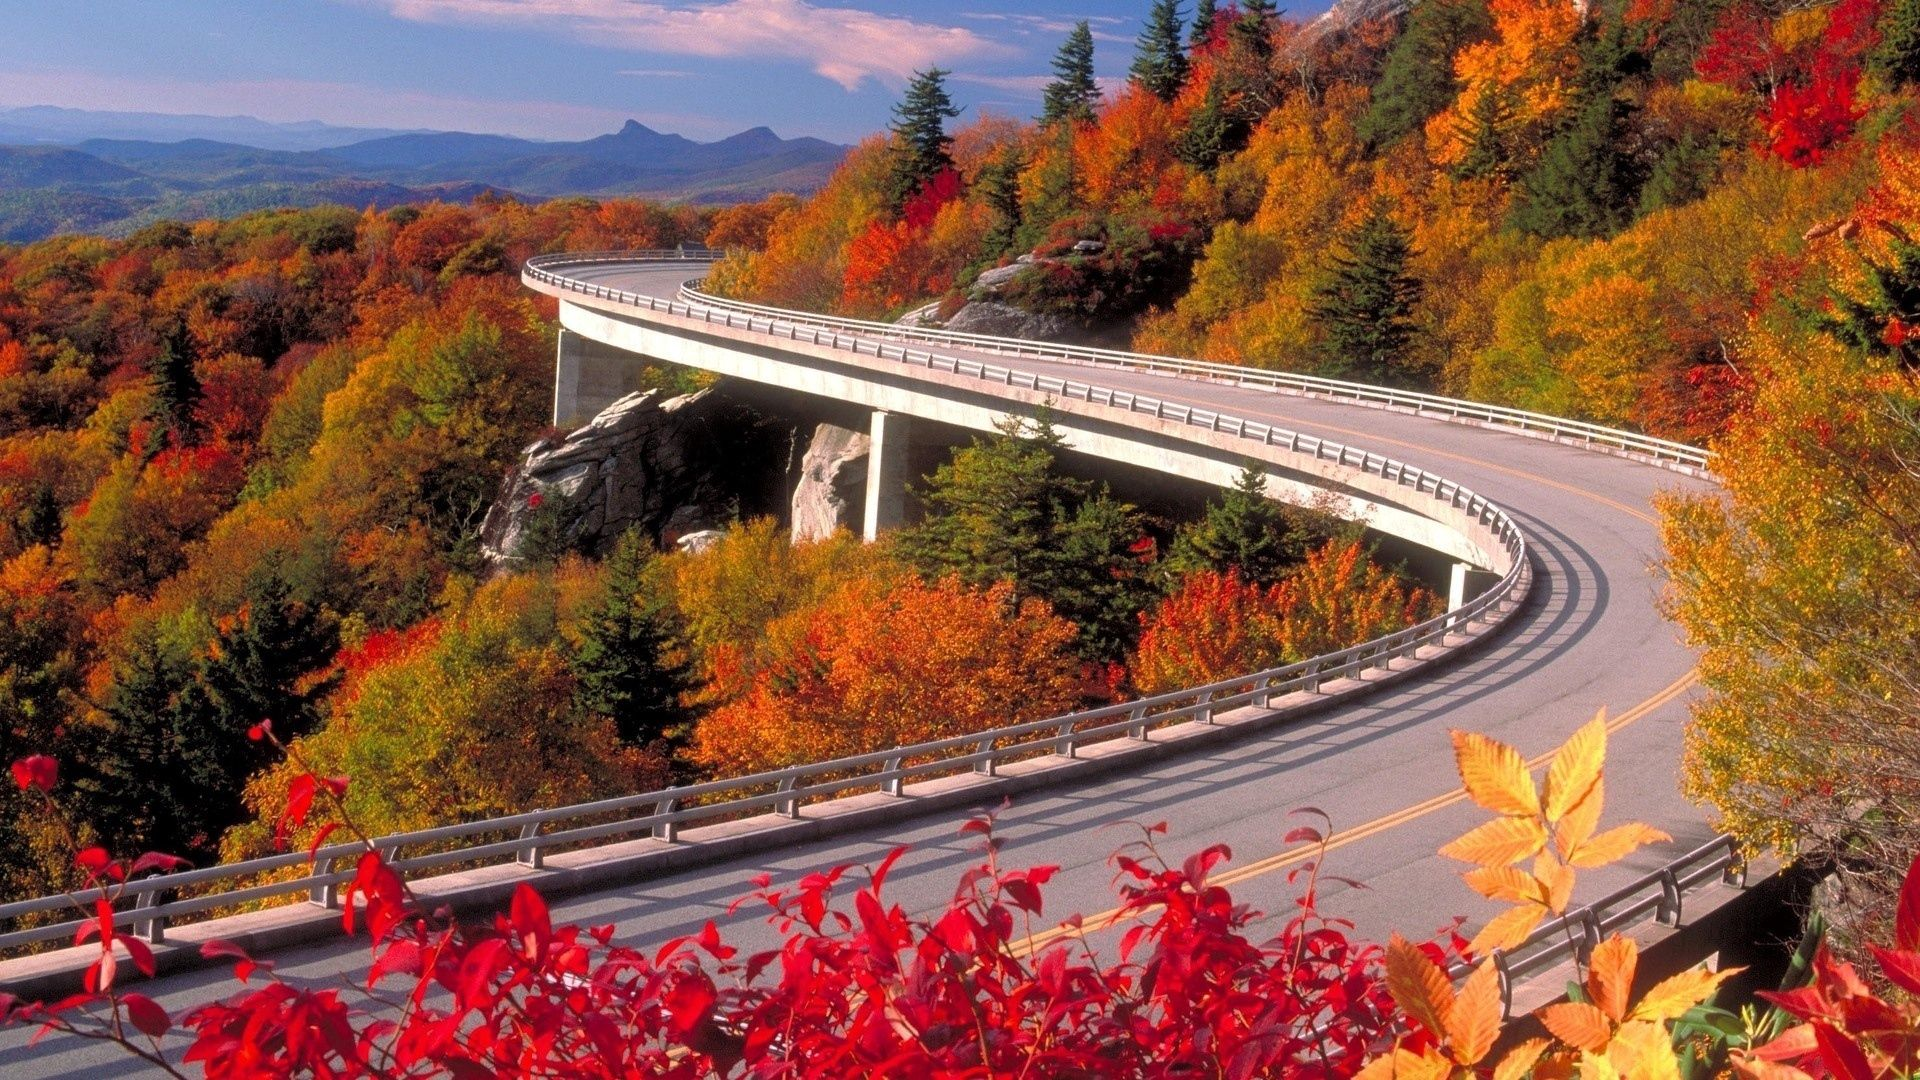 136652 скачать обои Природа, Дорога, Поворот, Осень, Асфальт, Серпантин, Лес, Высота - заставки и картинки бесплатно